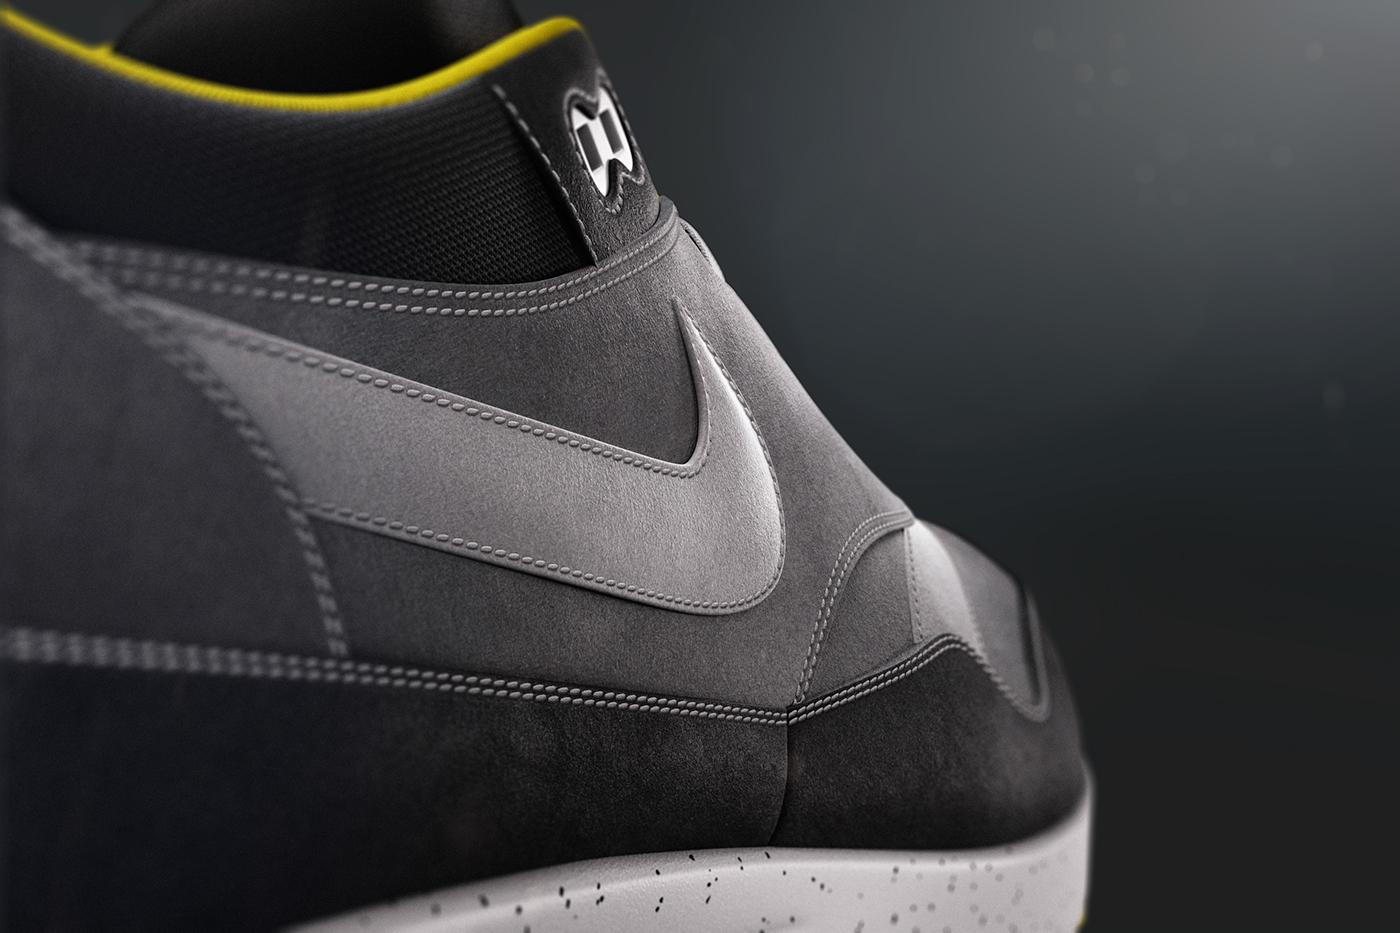 c763aac4a4f62b Nike Air Max on Behance